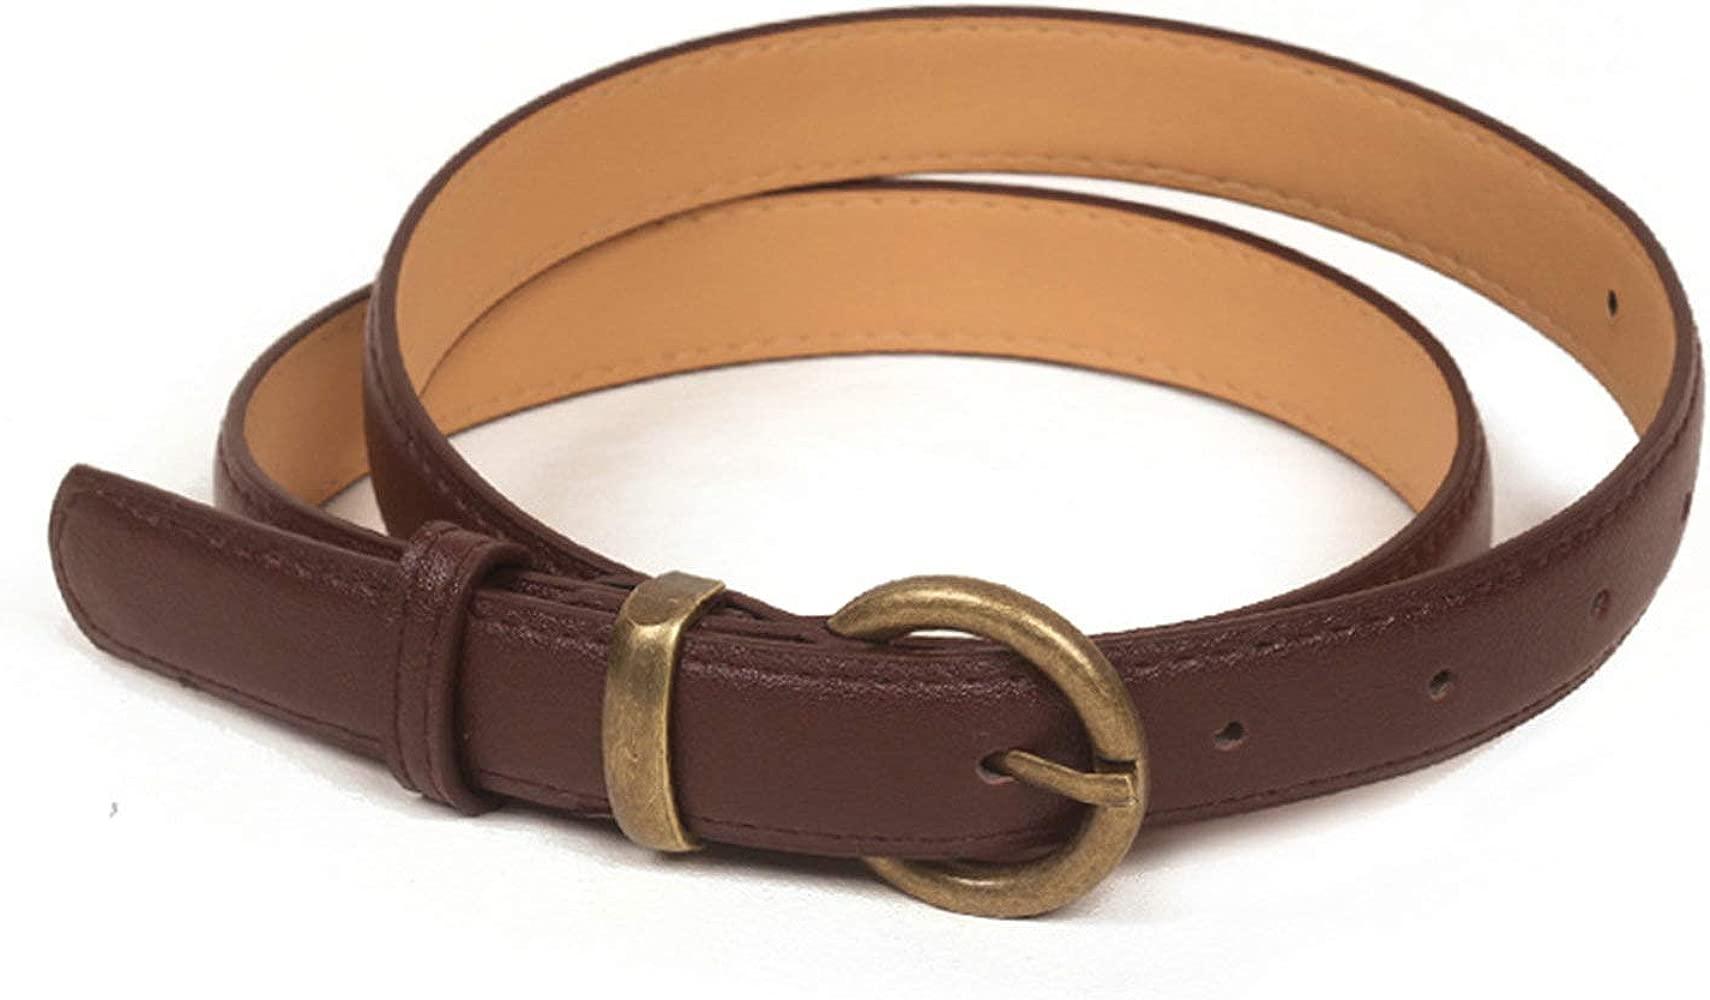 ROMQUEEN Cinturón de Piel para Mujer Cinturones de Mujer ...